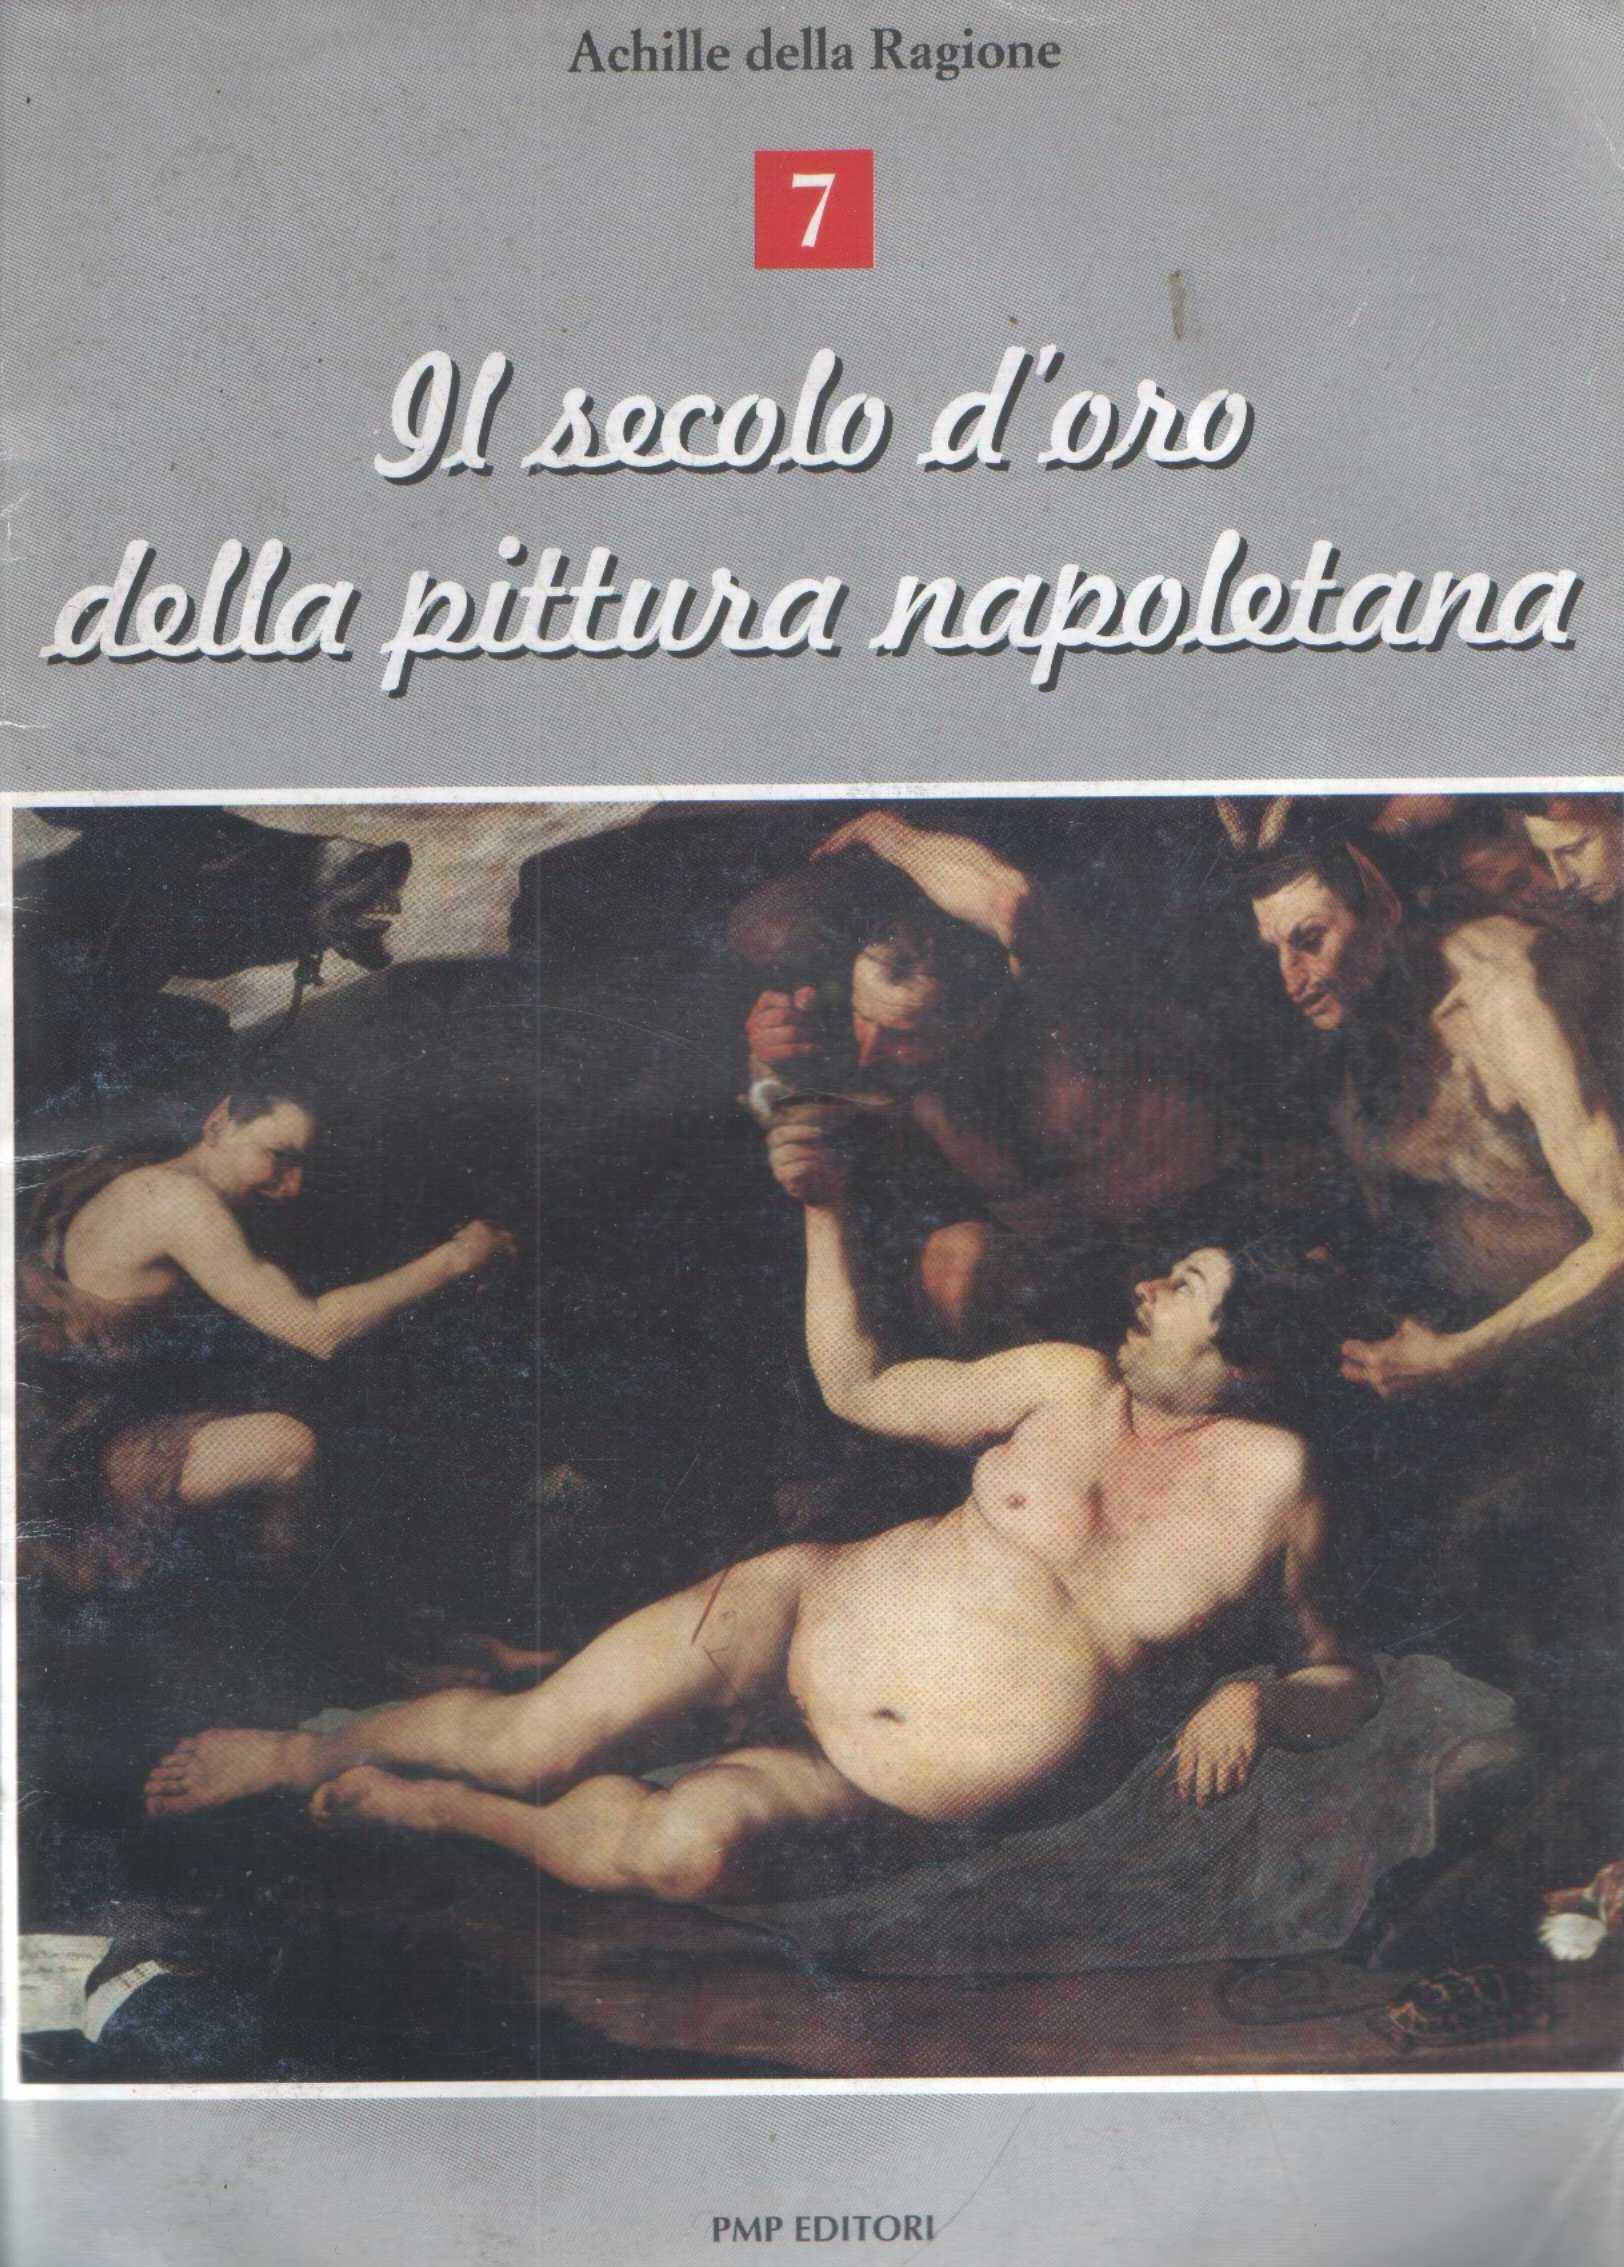 Il secolo d'oro della pittura napoletana 7